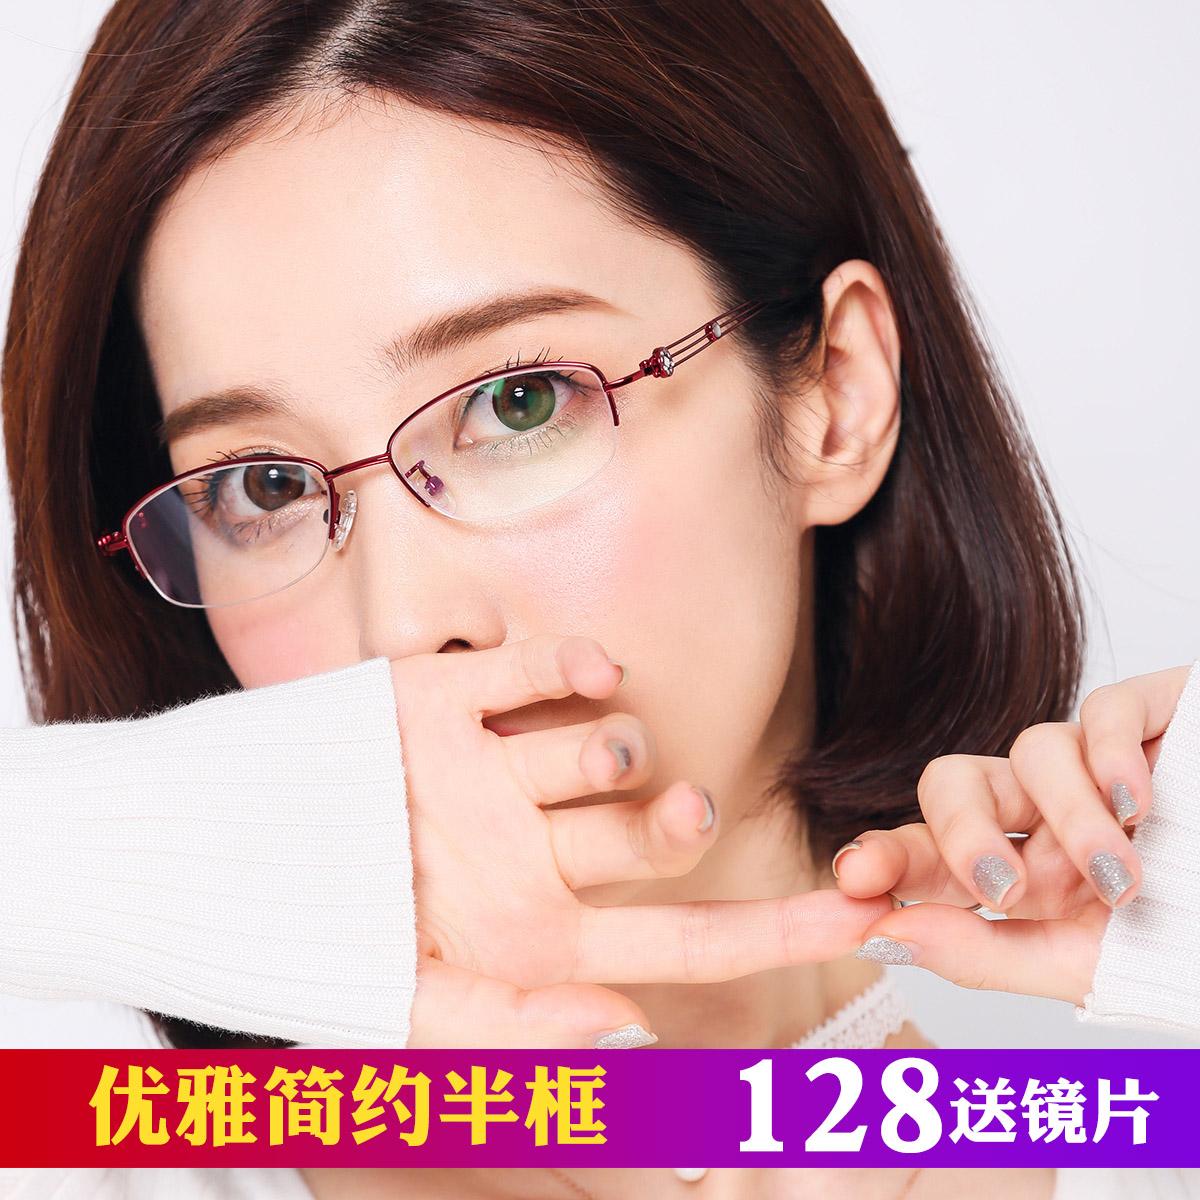 成品近视眼镜女半框金属优雅眼镜框近视女款镂空配眼镜女防蓝光镜